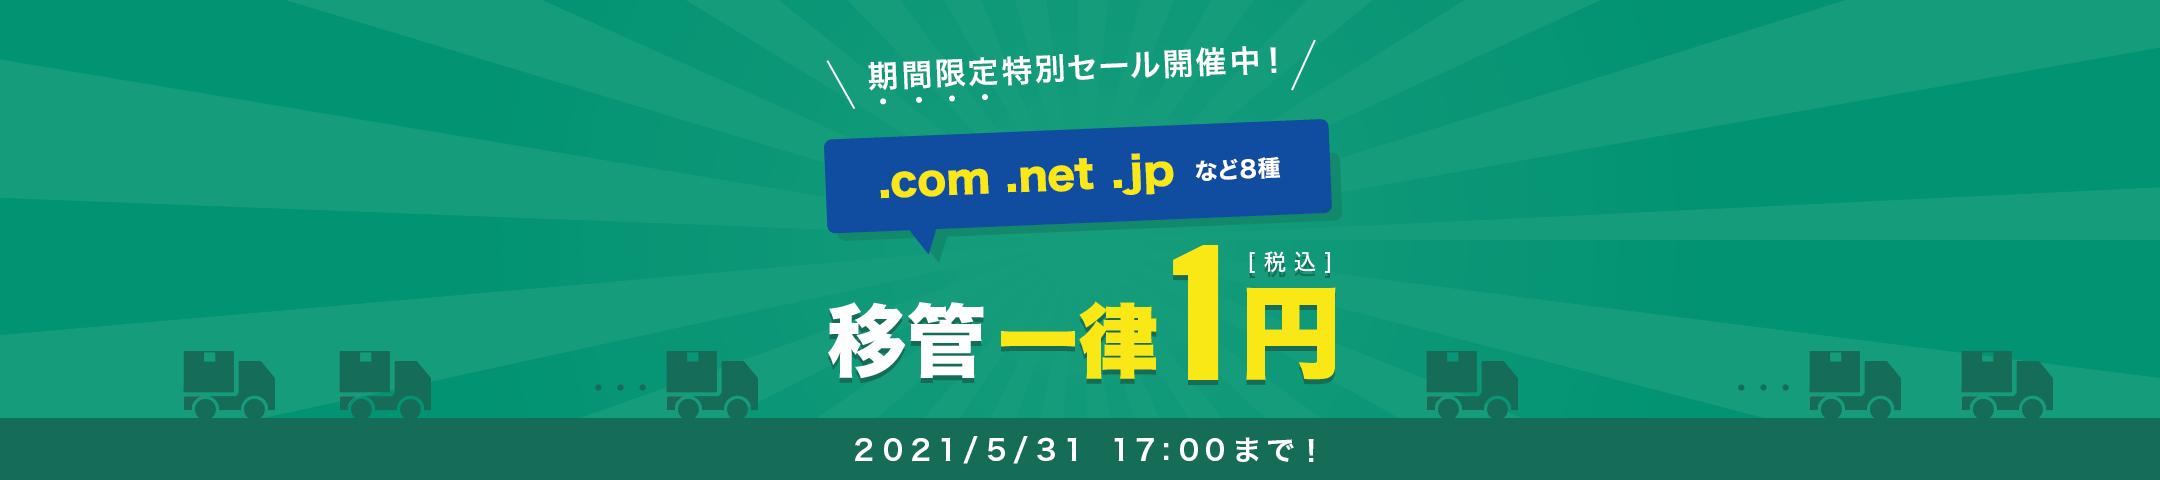 期間限定特別セール開催中!.com .net .jpなど8種 移管1円(税込) おトクにお乗り換えのチャンス!